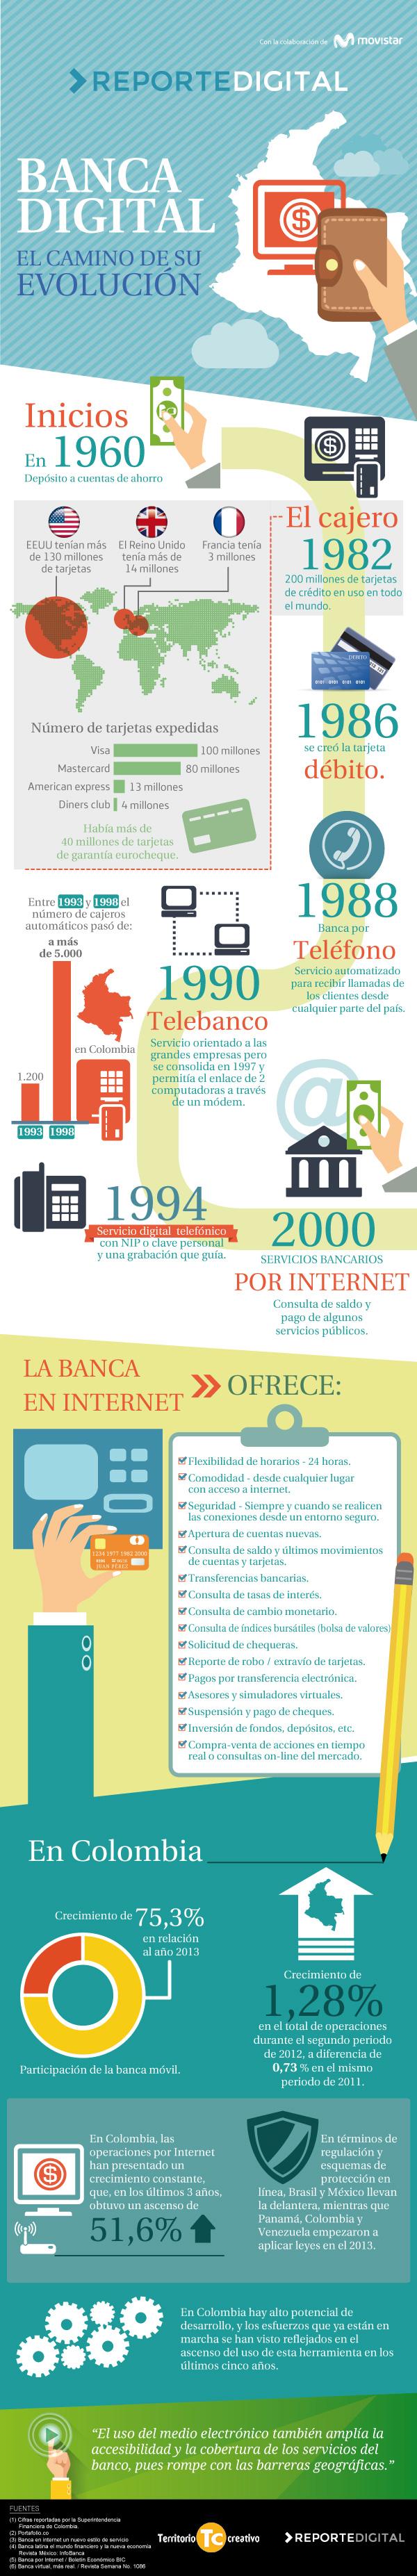 Estado y evolución de la Banca Digital en Colombia